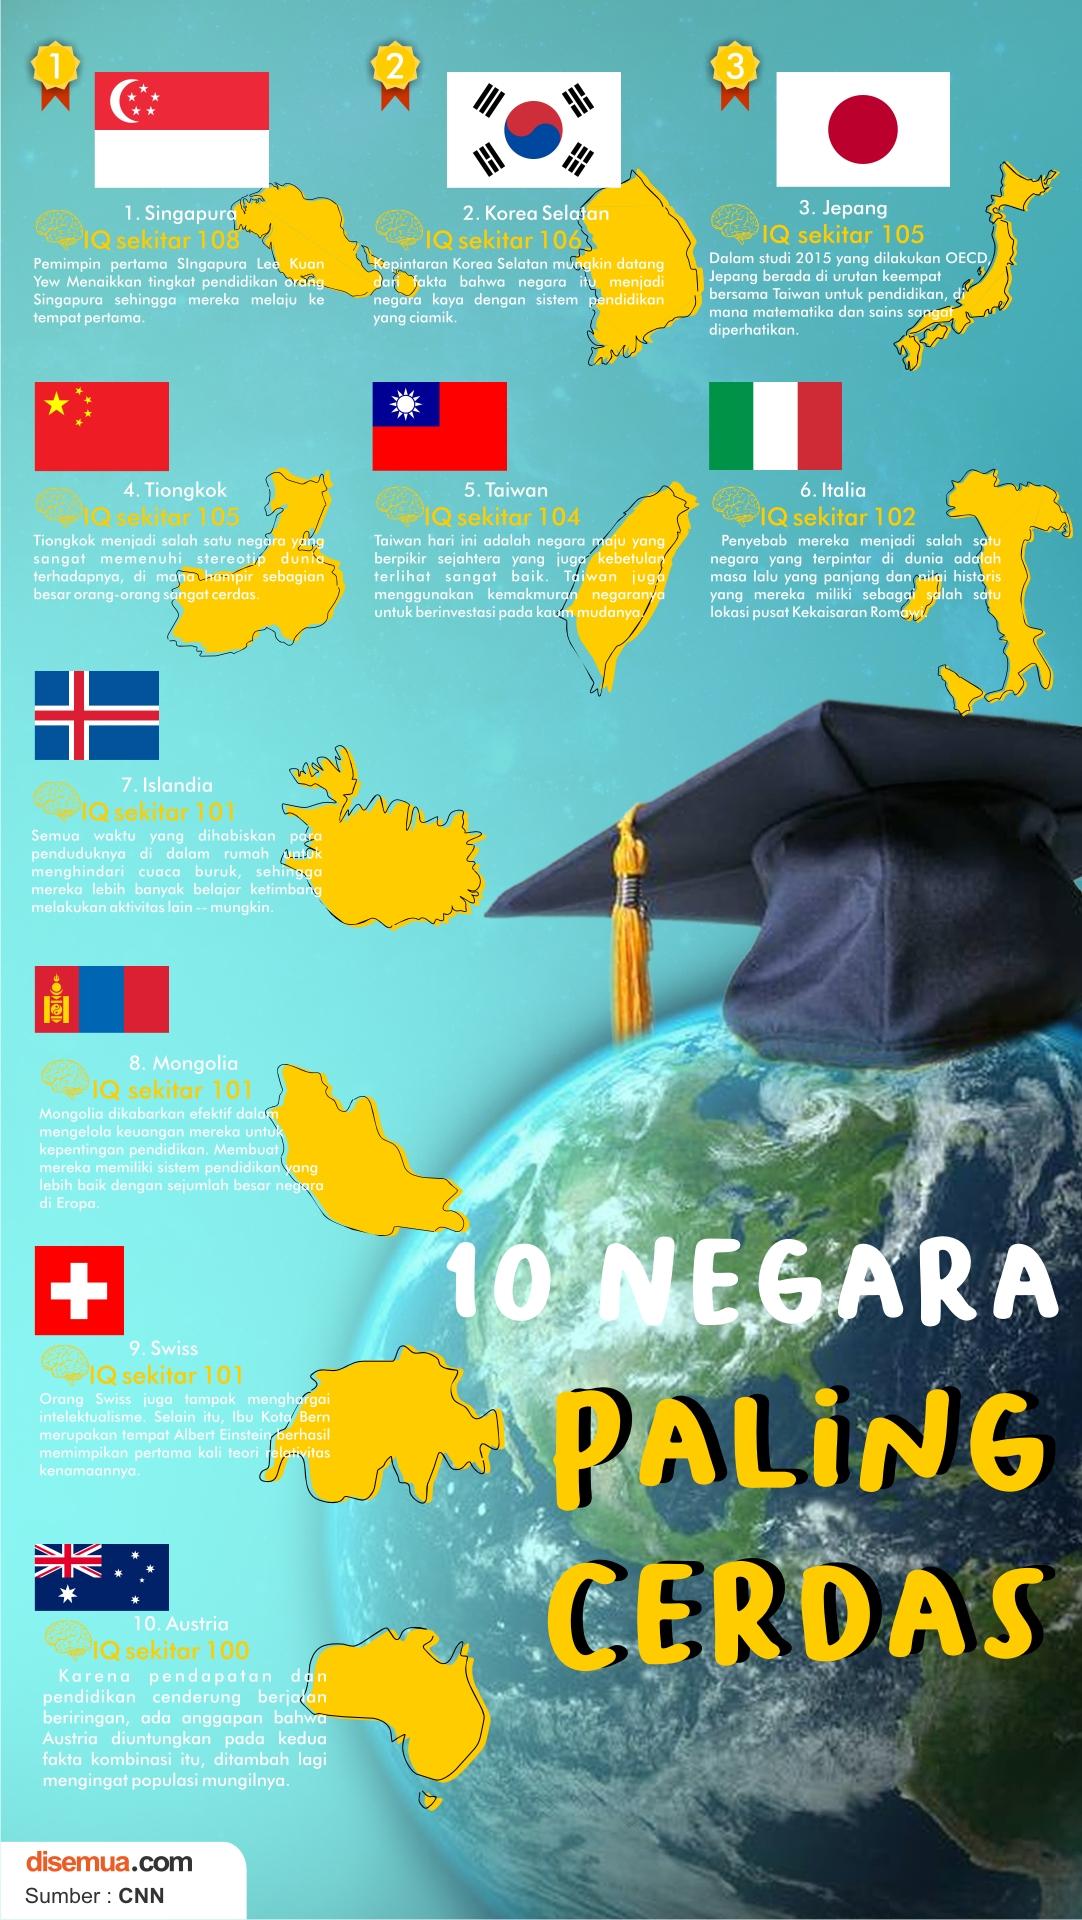 10 Negara Paling Cerdas